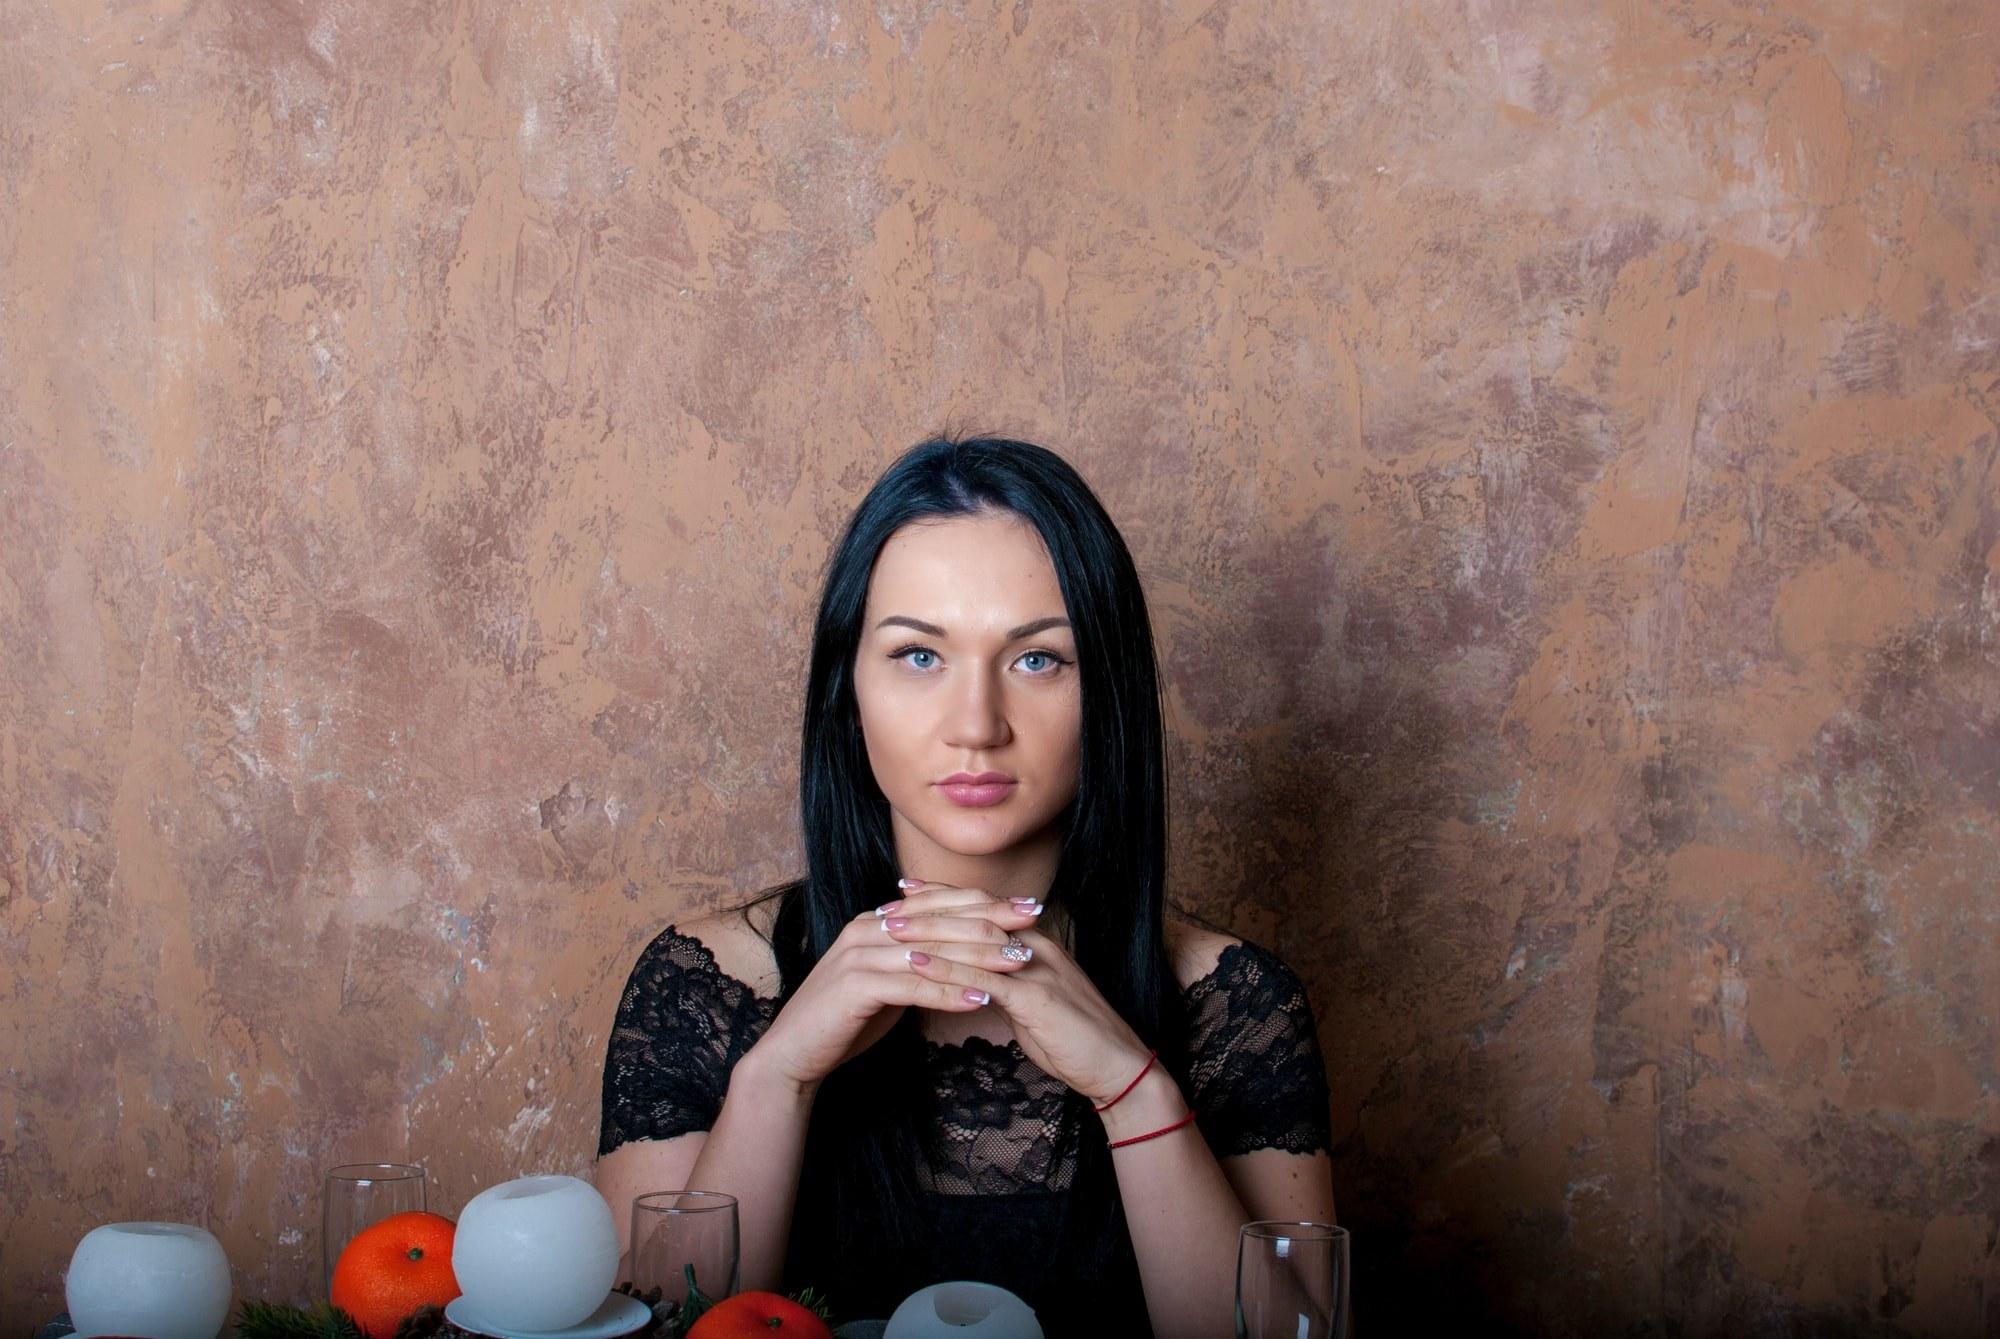 Женщина позирует фотографу - Фотограф Киев - Женя Лайт